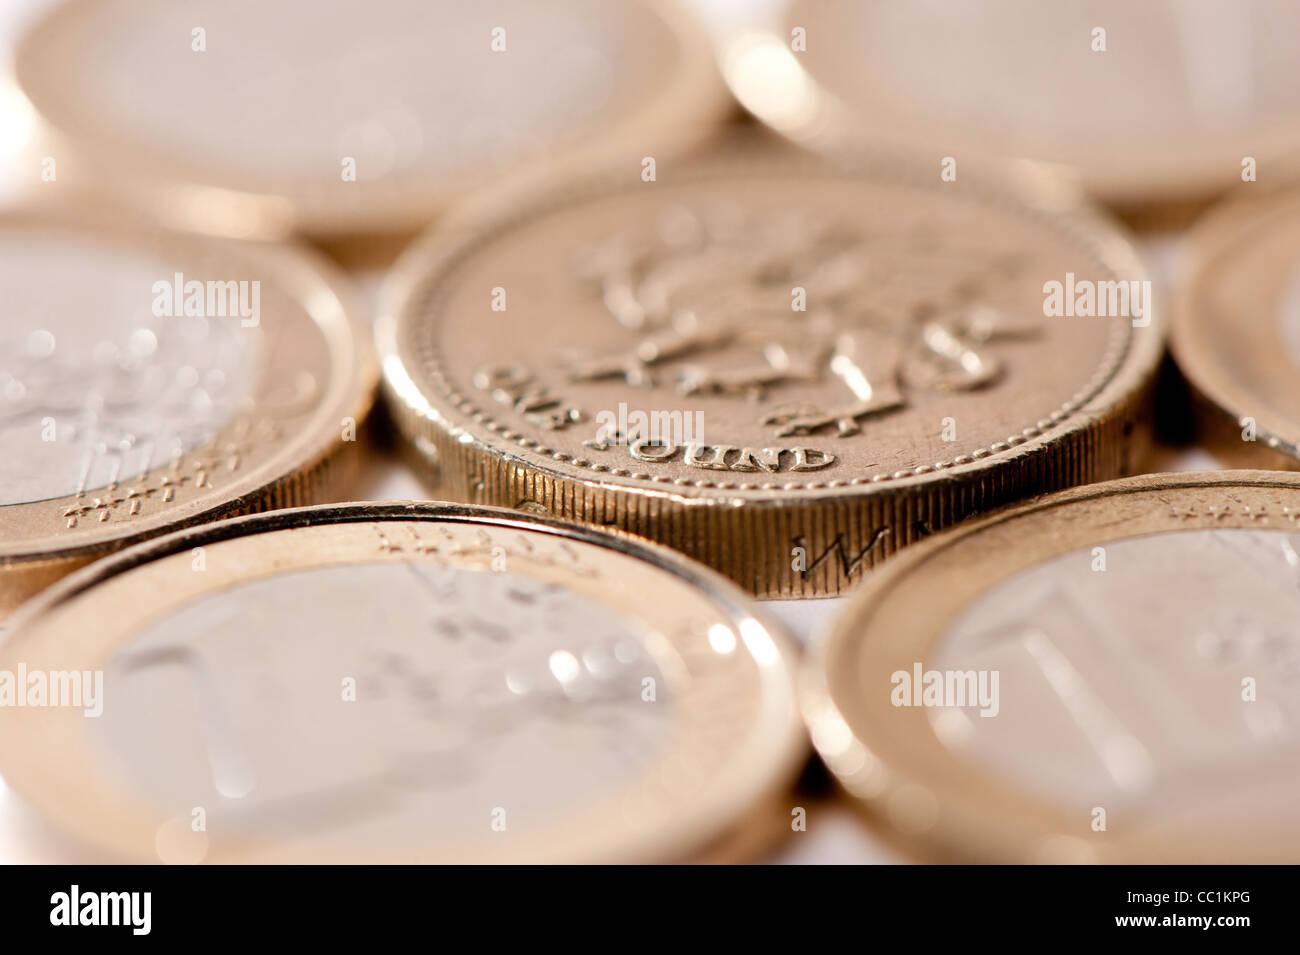 Euros y Libras británicas uno junto a otro en la superficie blanca Foto de stock